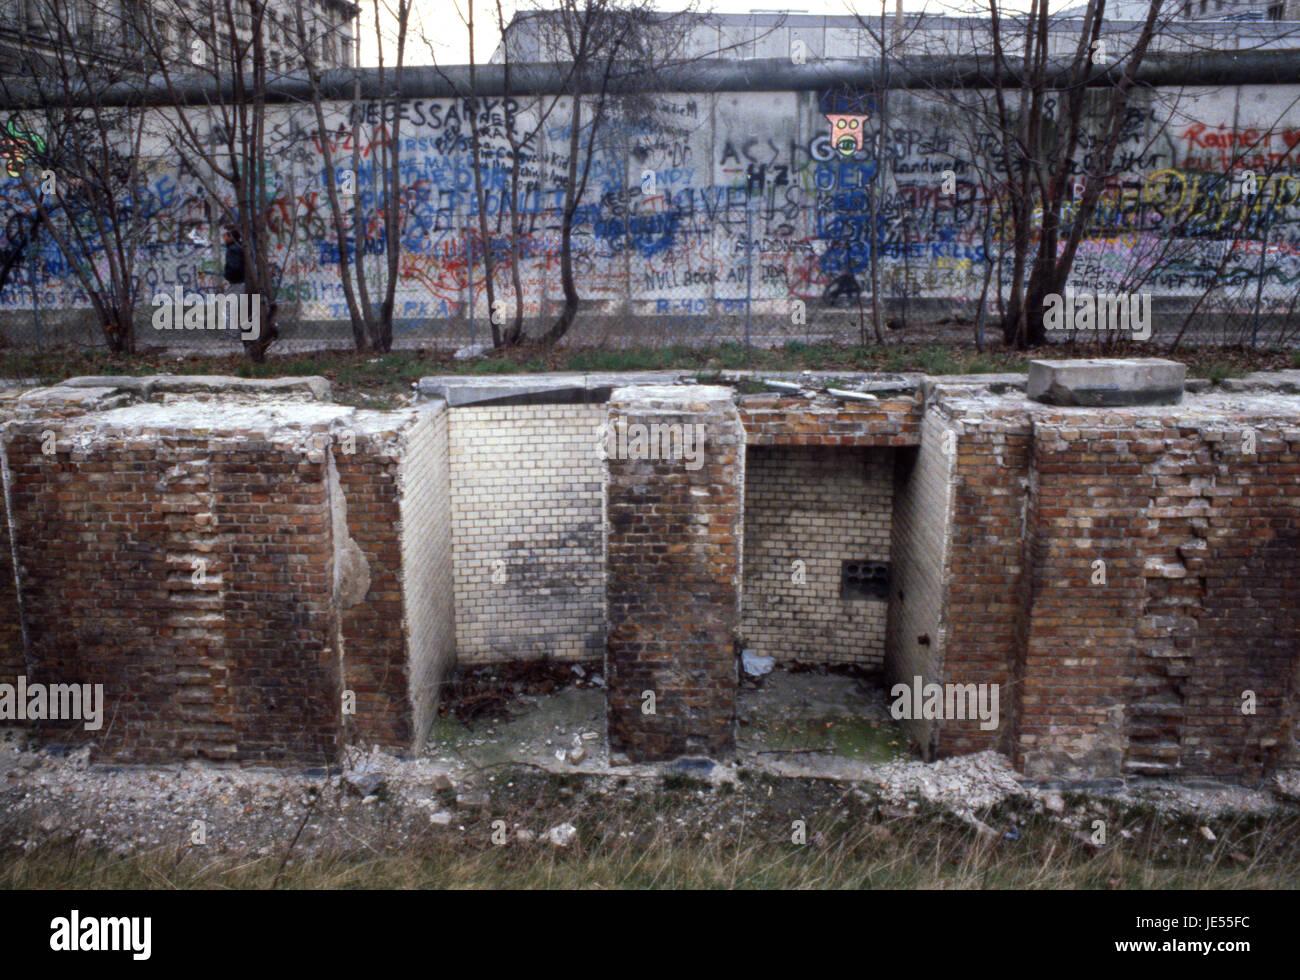 Bombe beschädigte Gebäude vor der Berliner Mauer 1980 Stockbild